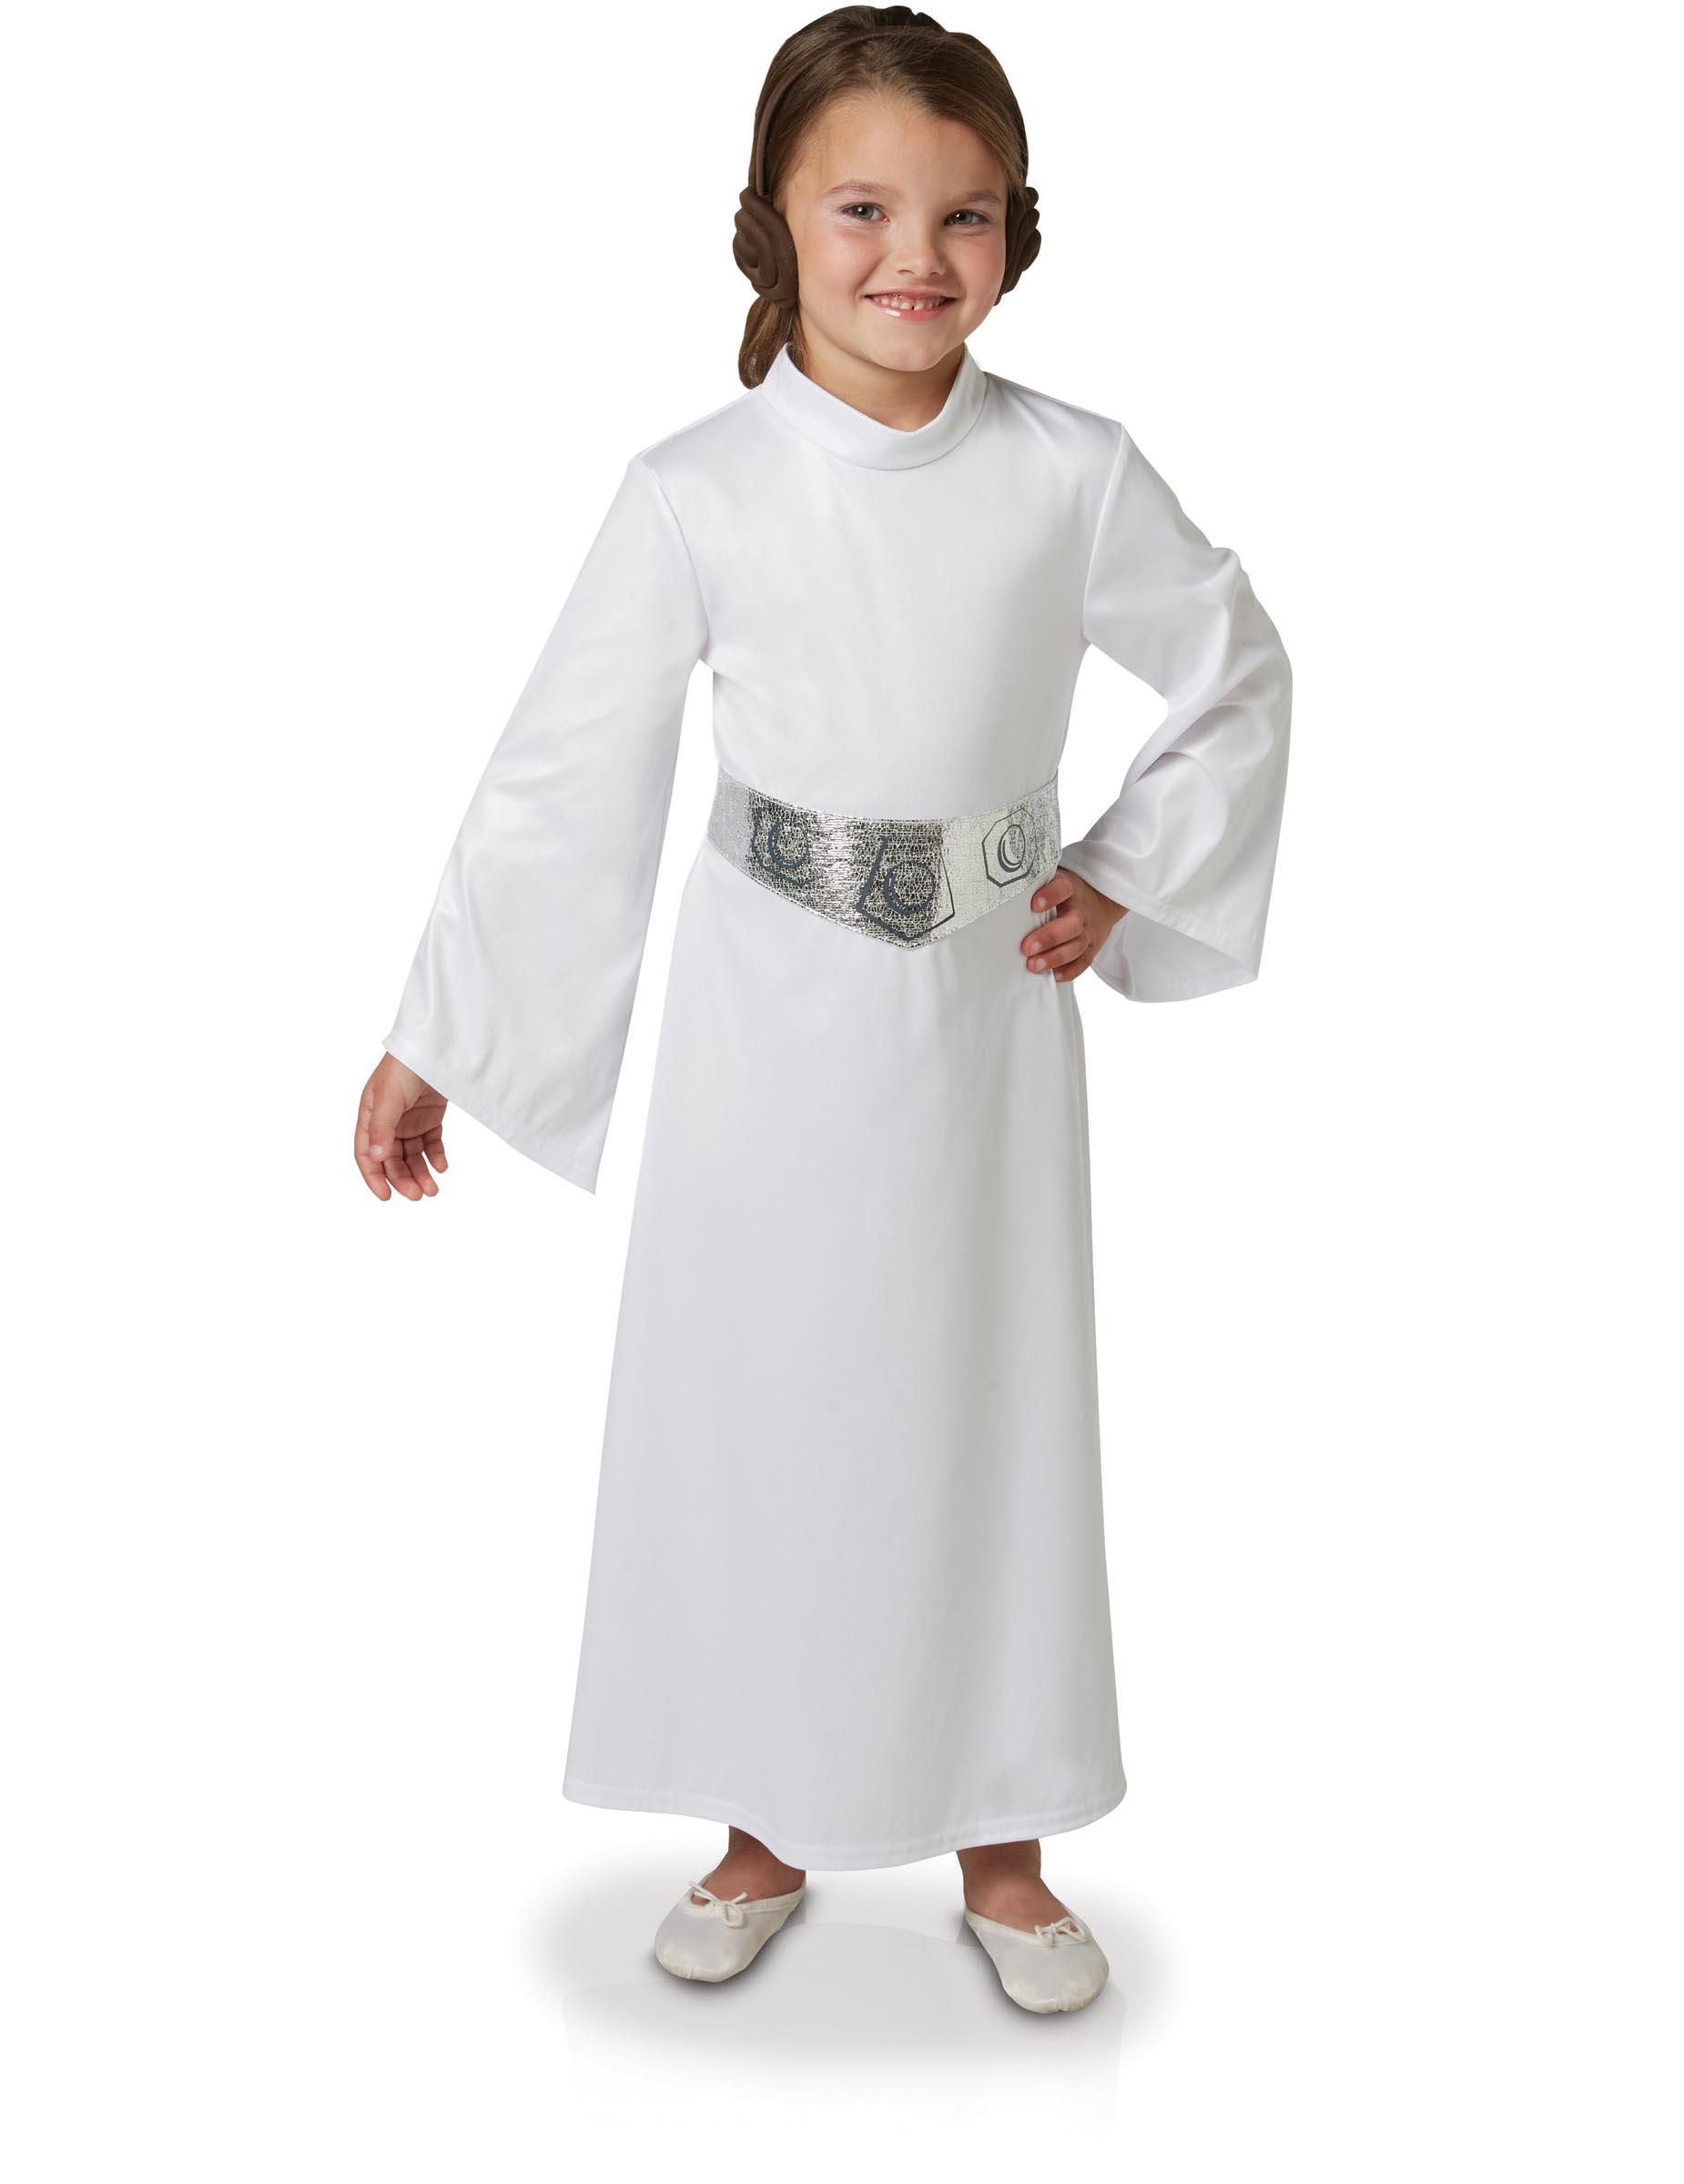 Prinzessin Leia Lizenzkostum Star Wars Kinderkostum Weiss Silber